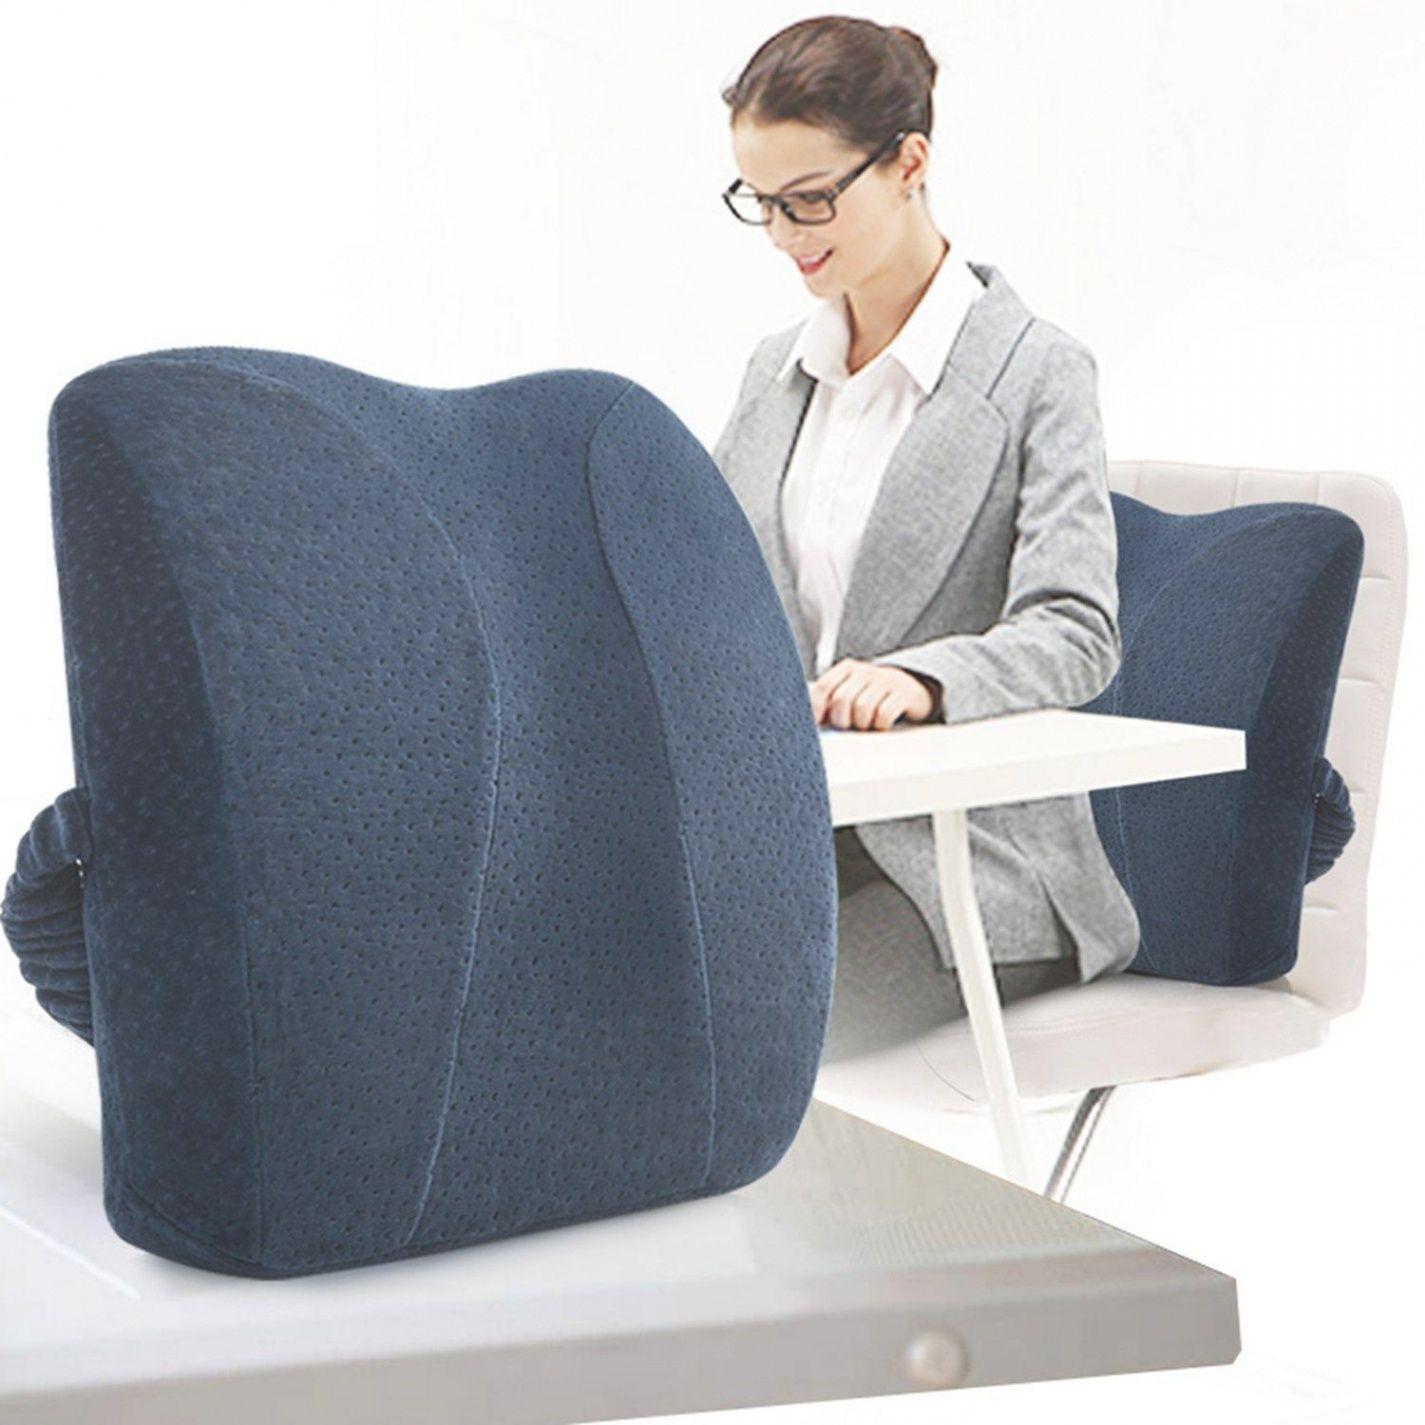 Sitzkissen Fur Eames Chair In Hellgrauem Kuschelfell In 2020